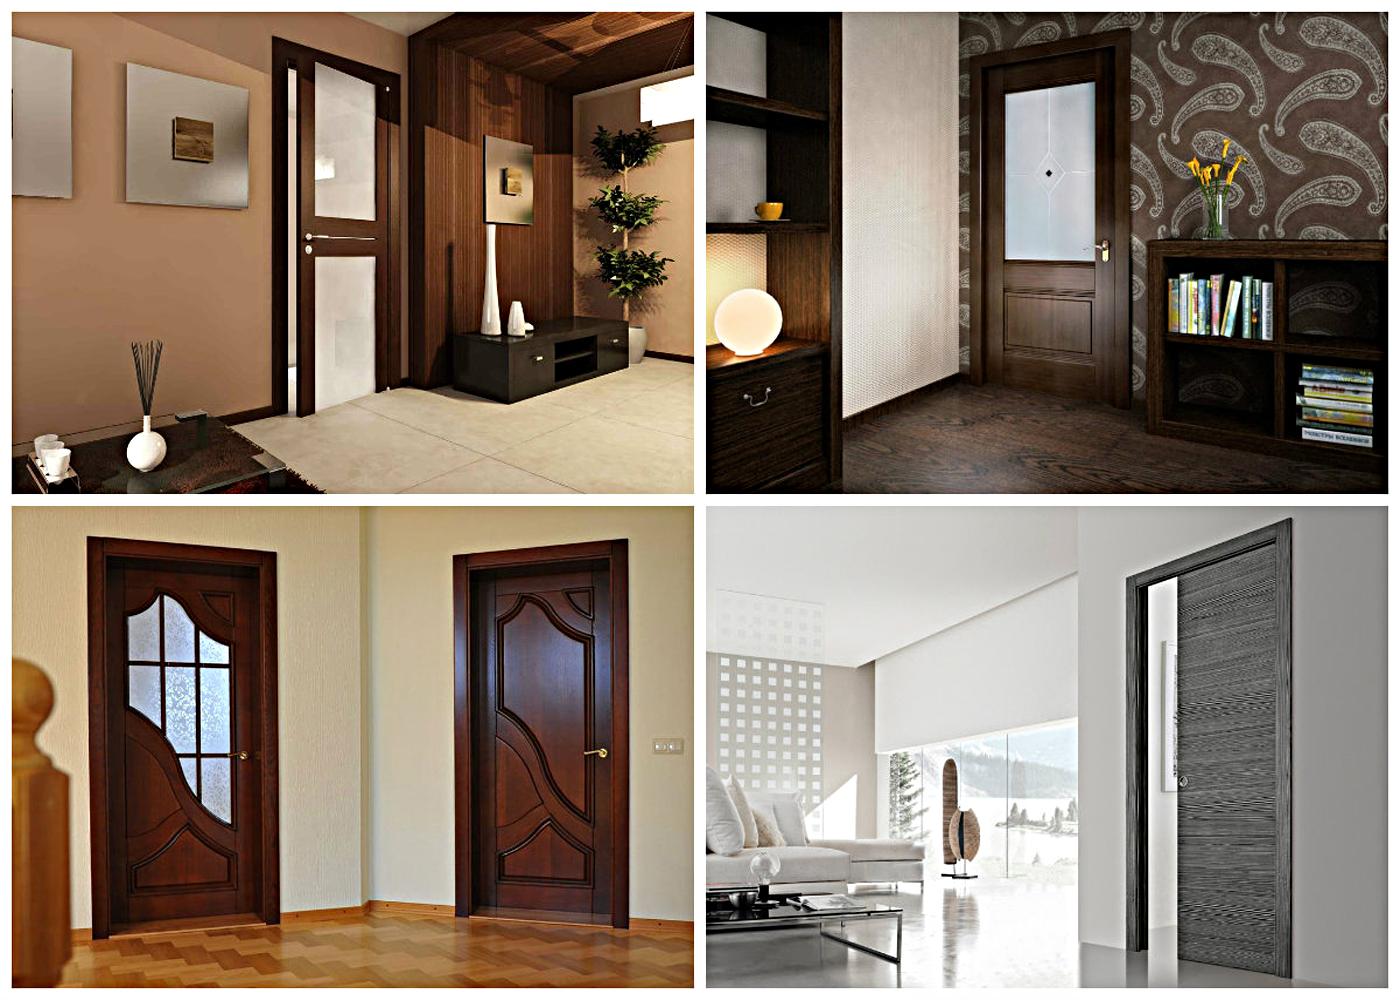 Двери в прихожую и коридор: виды, дизайн, цвет, сочетания, фото в интерьере